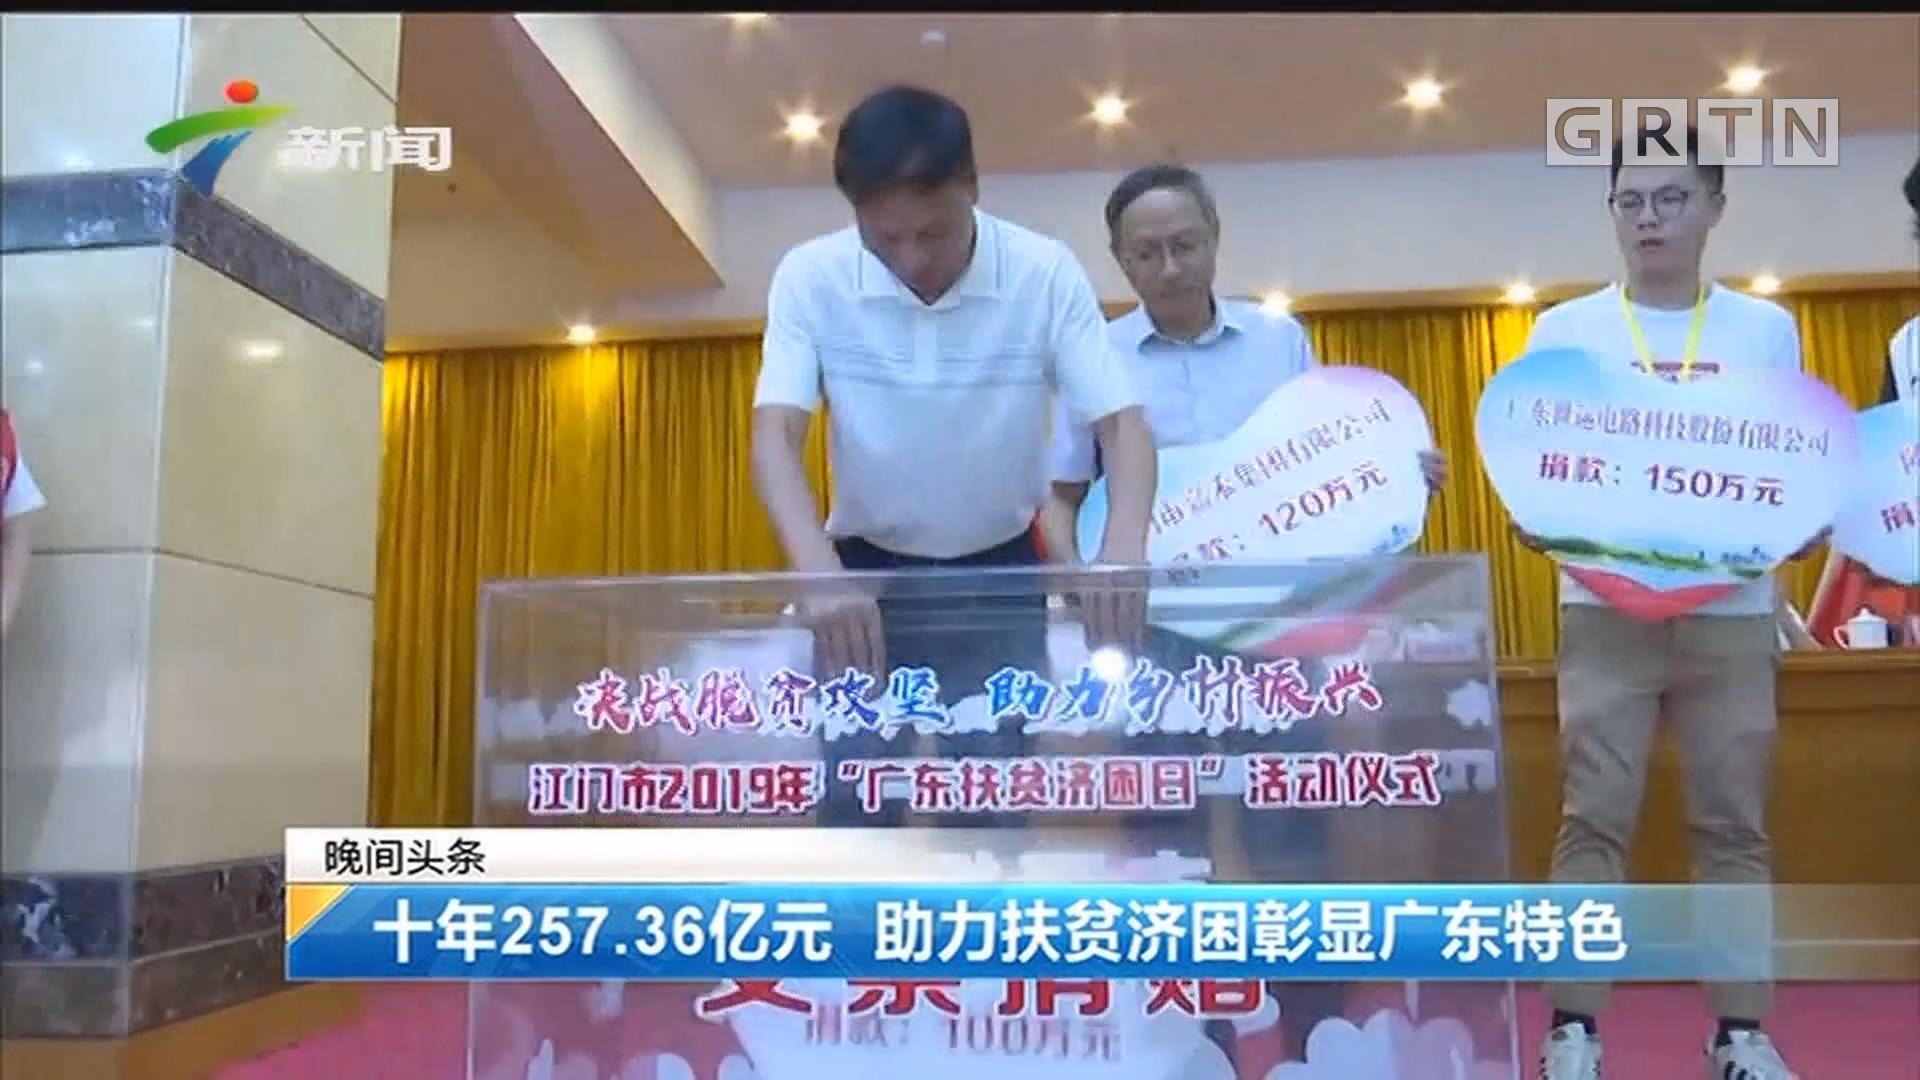 十年257.36亿元 助力扶贫济困彰显广东特色